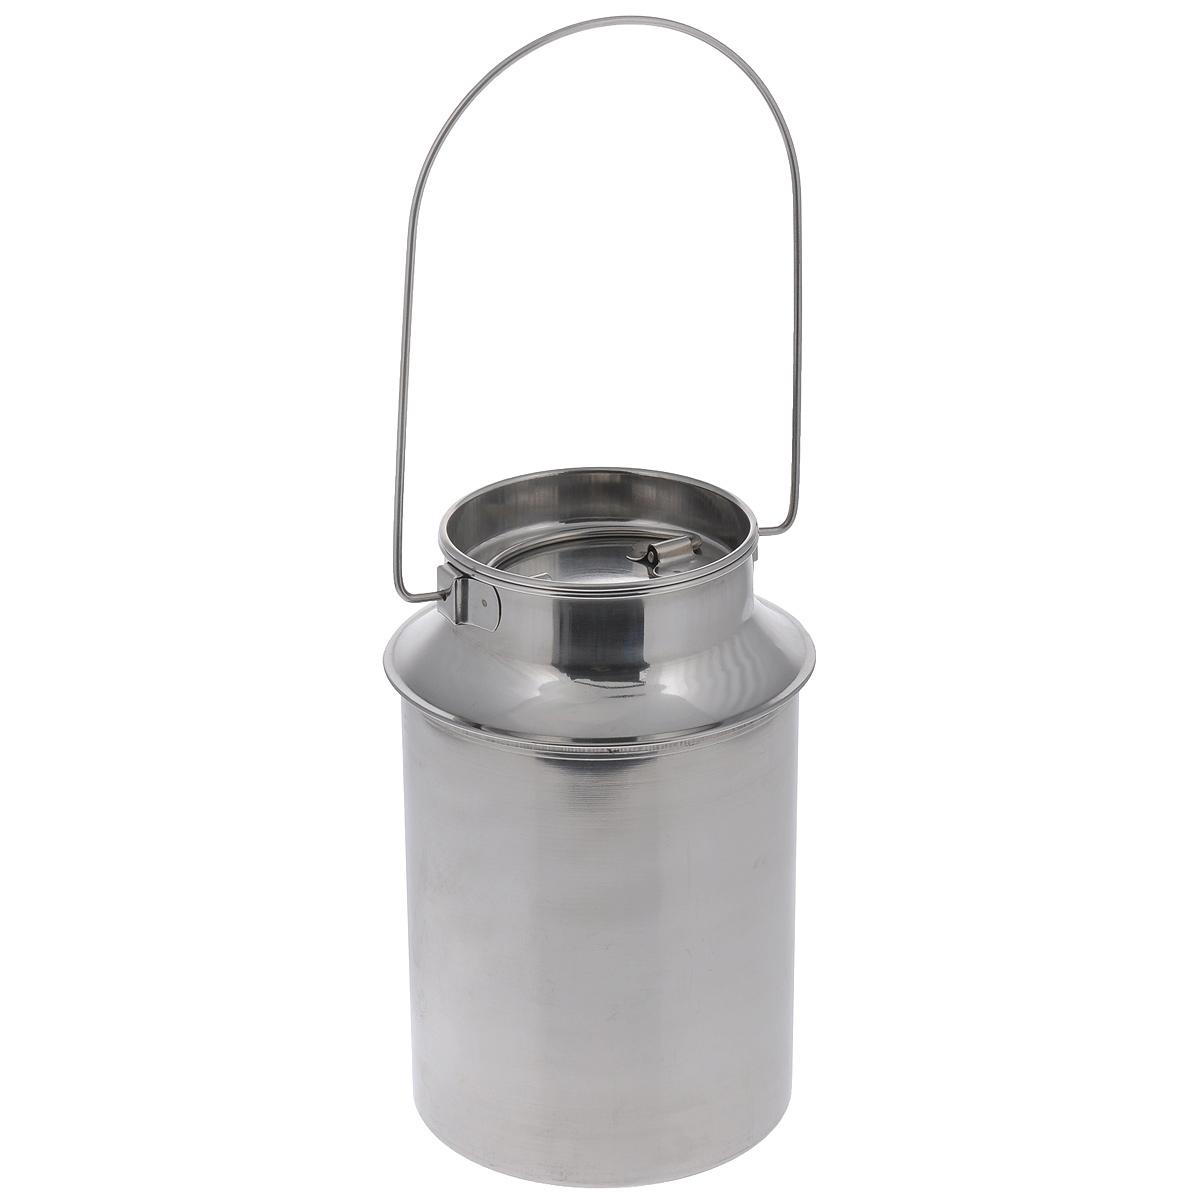 Бидон Padia, 3 л. 6100-226100-22Бидон Padia предназначен для хранения и переноски пищевых продуктов, таких как молоко, вода и т.д. Изделие выполнено из высококачественной нержавеющей стали. Бидон оснащен ручкой для удобной переноски и крышкой. Бидон Padia станет незаменимым аксессуаром на вашей кухне. Объем: 3 л. Высота бидона (без учета ручки): 24 см. Диаметр дна: 16,5 см. Диаметр (по верхнему краю): 12,5 см.